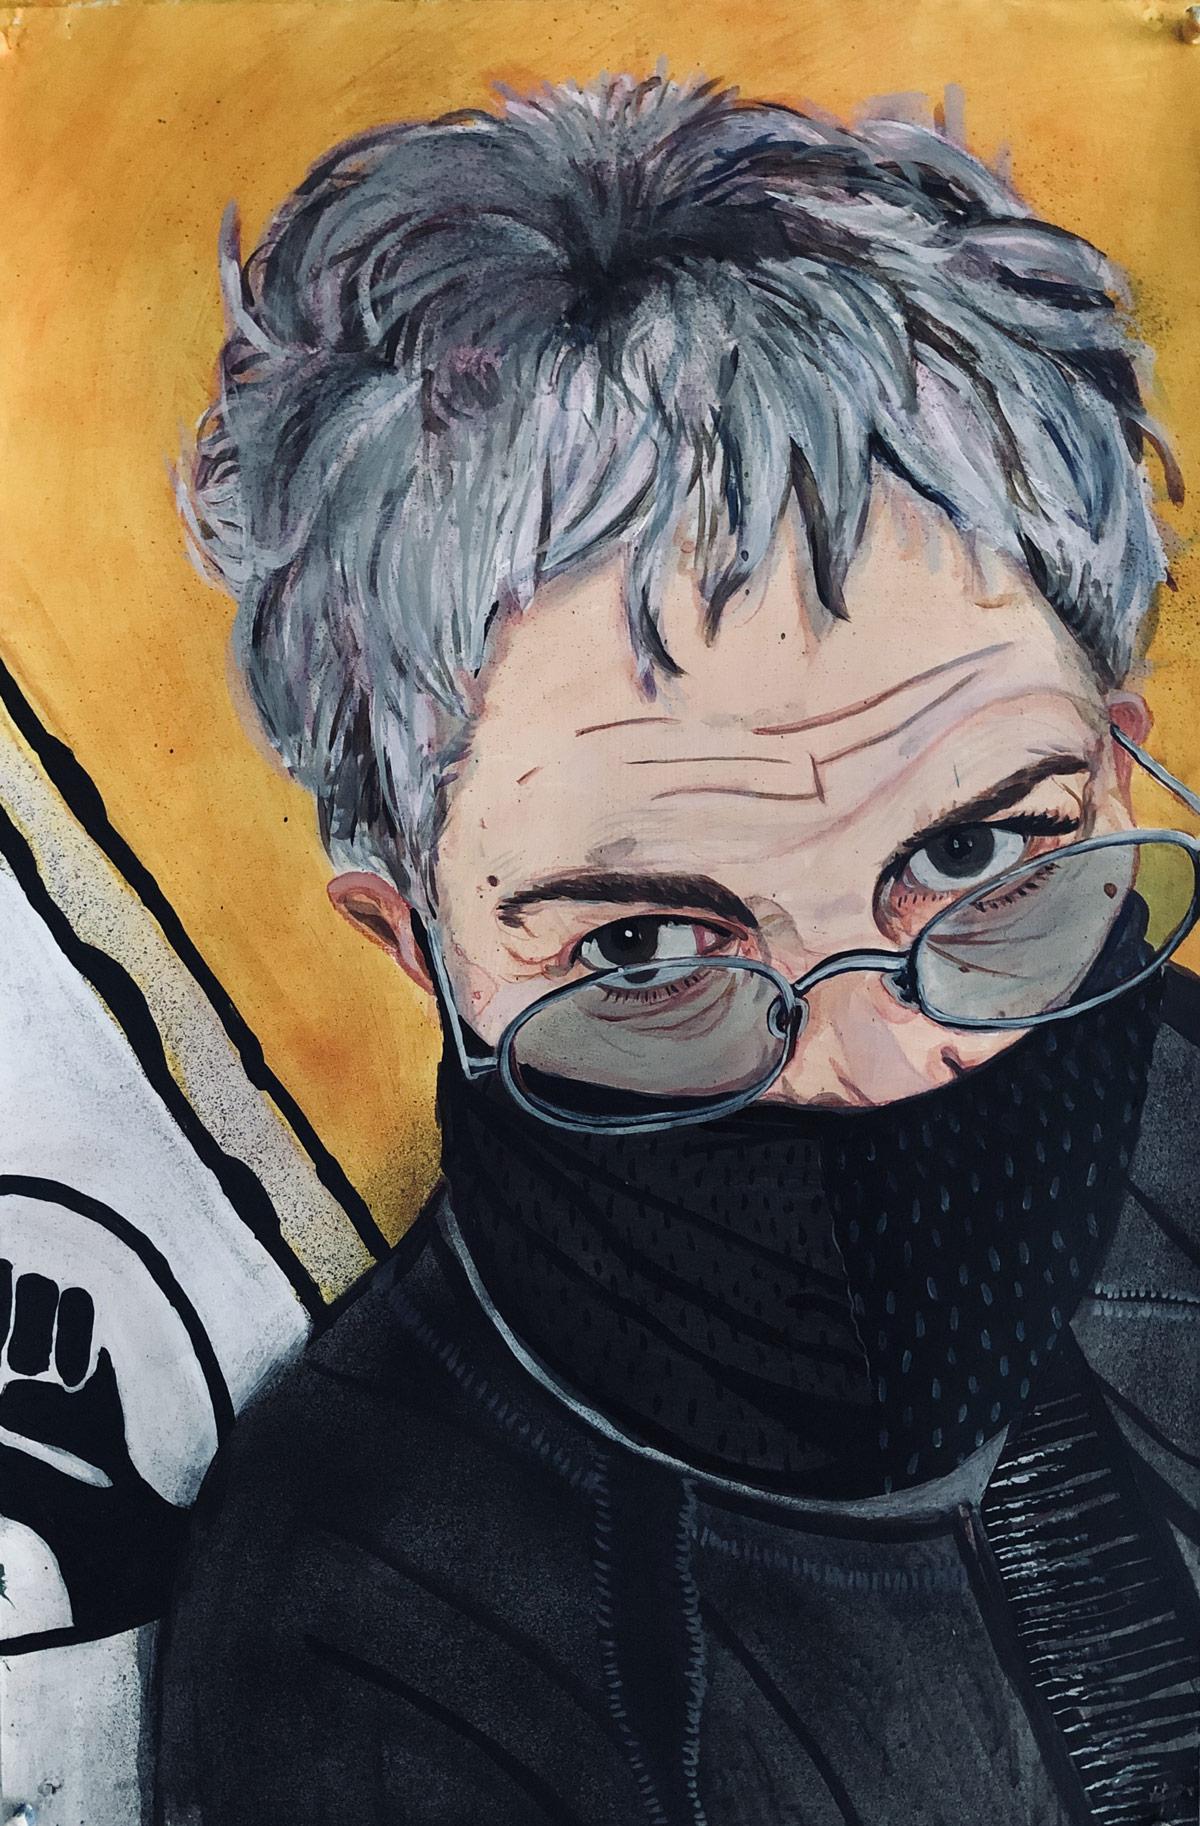 Margrette Werthiem, mathematician/artist Los Angeles/Australia, 2020